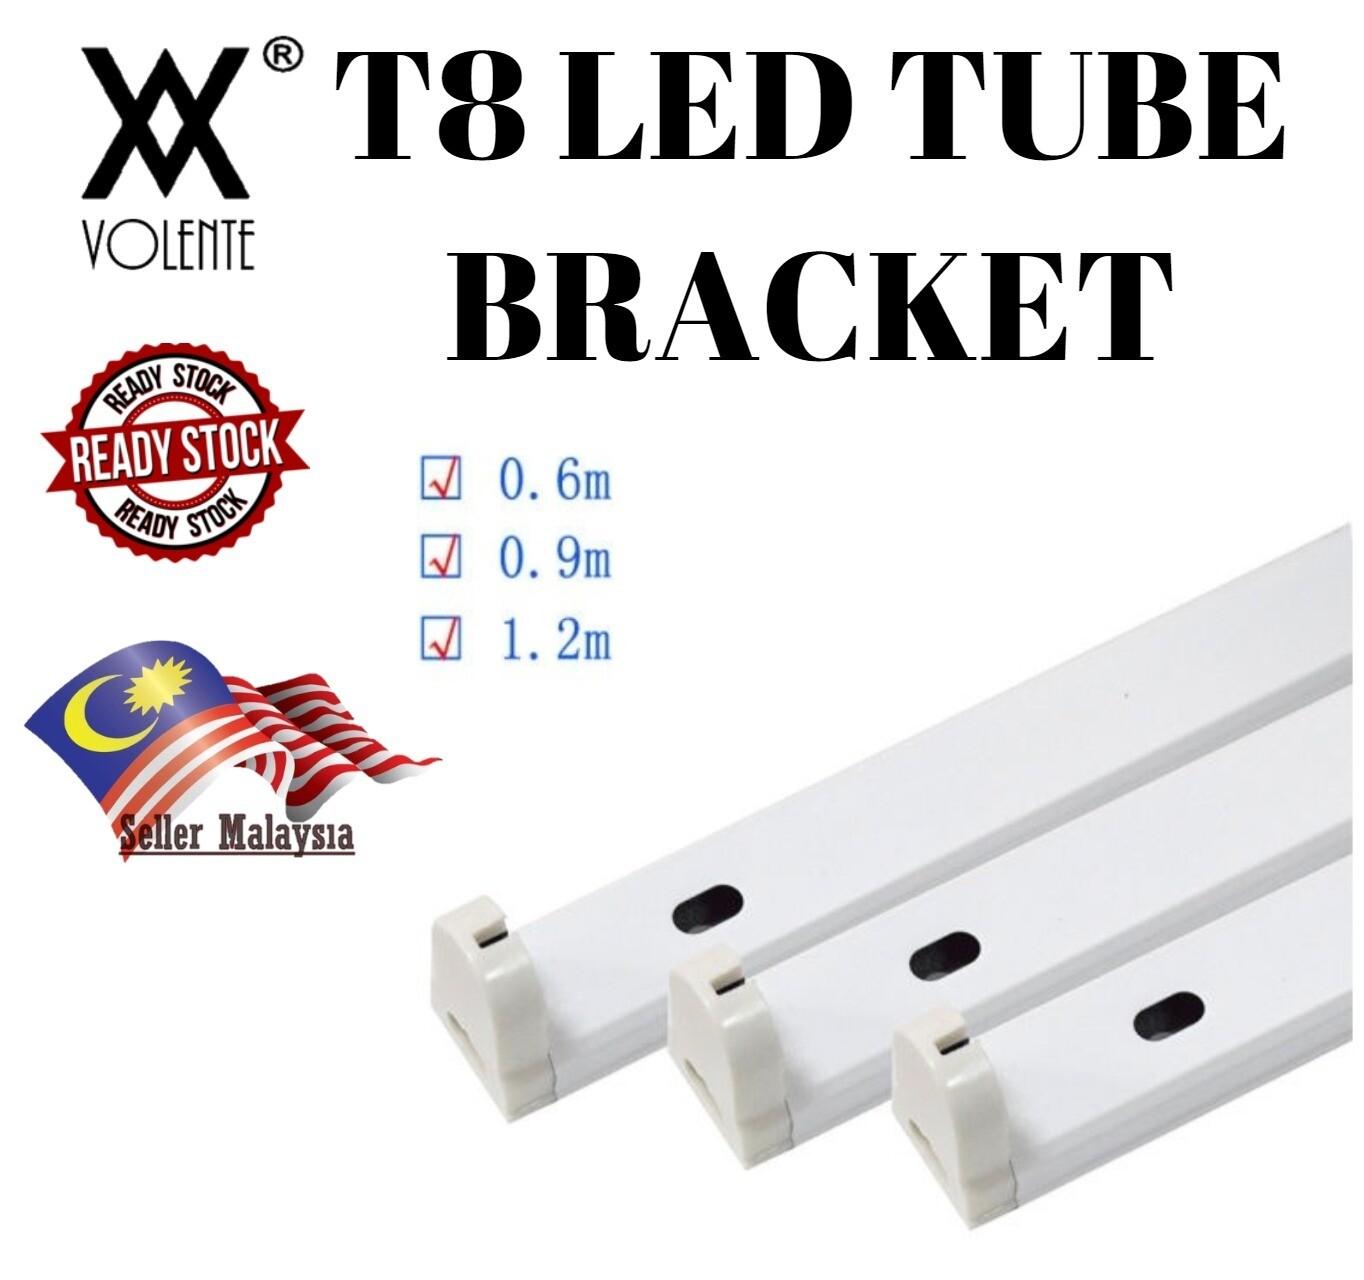 T8 Tube Simple Bracket for LED Tube LED Lighting Bulb Housing and cover for LED T8 tube ONLY